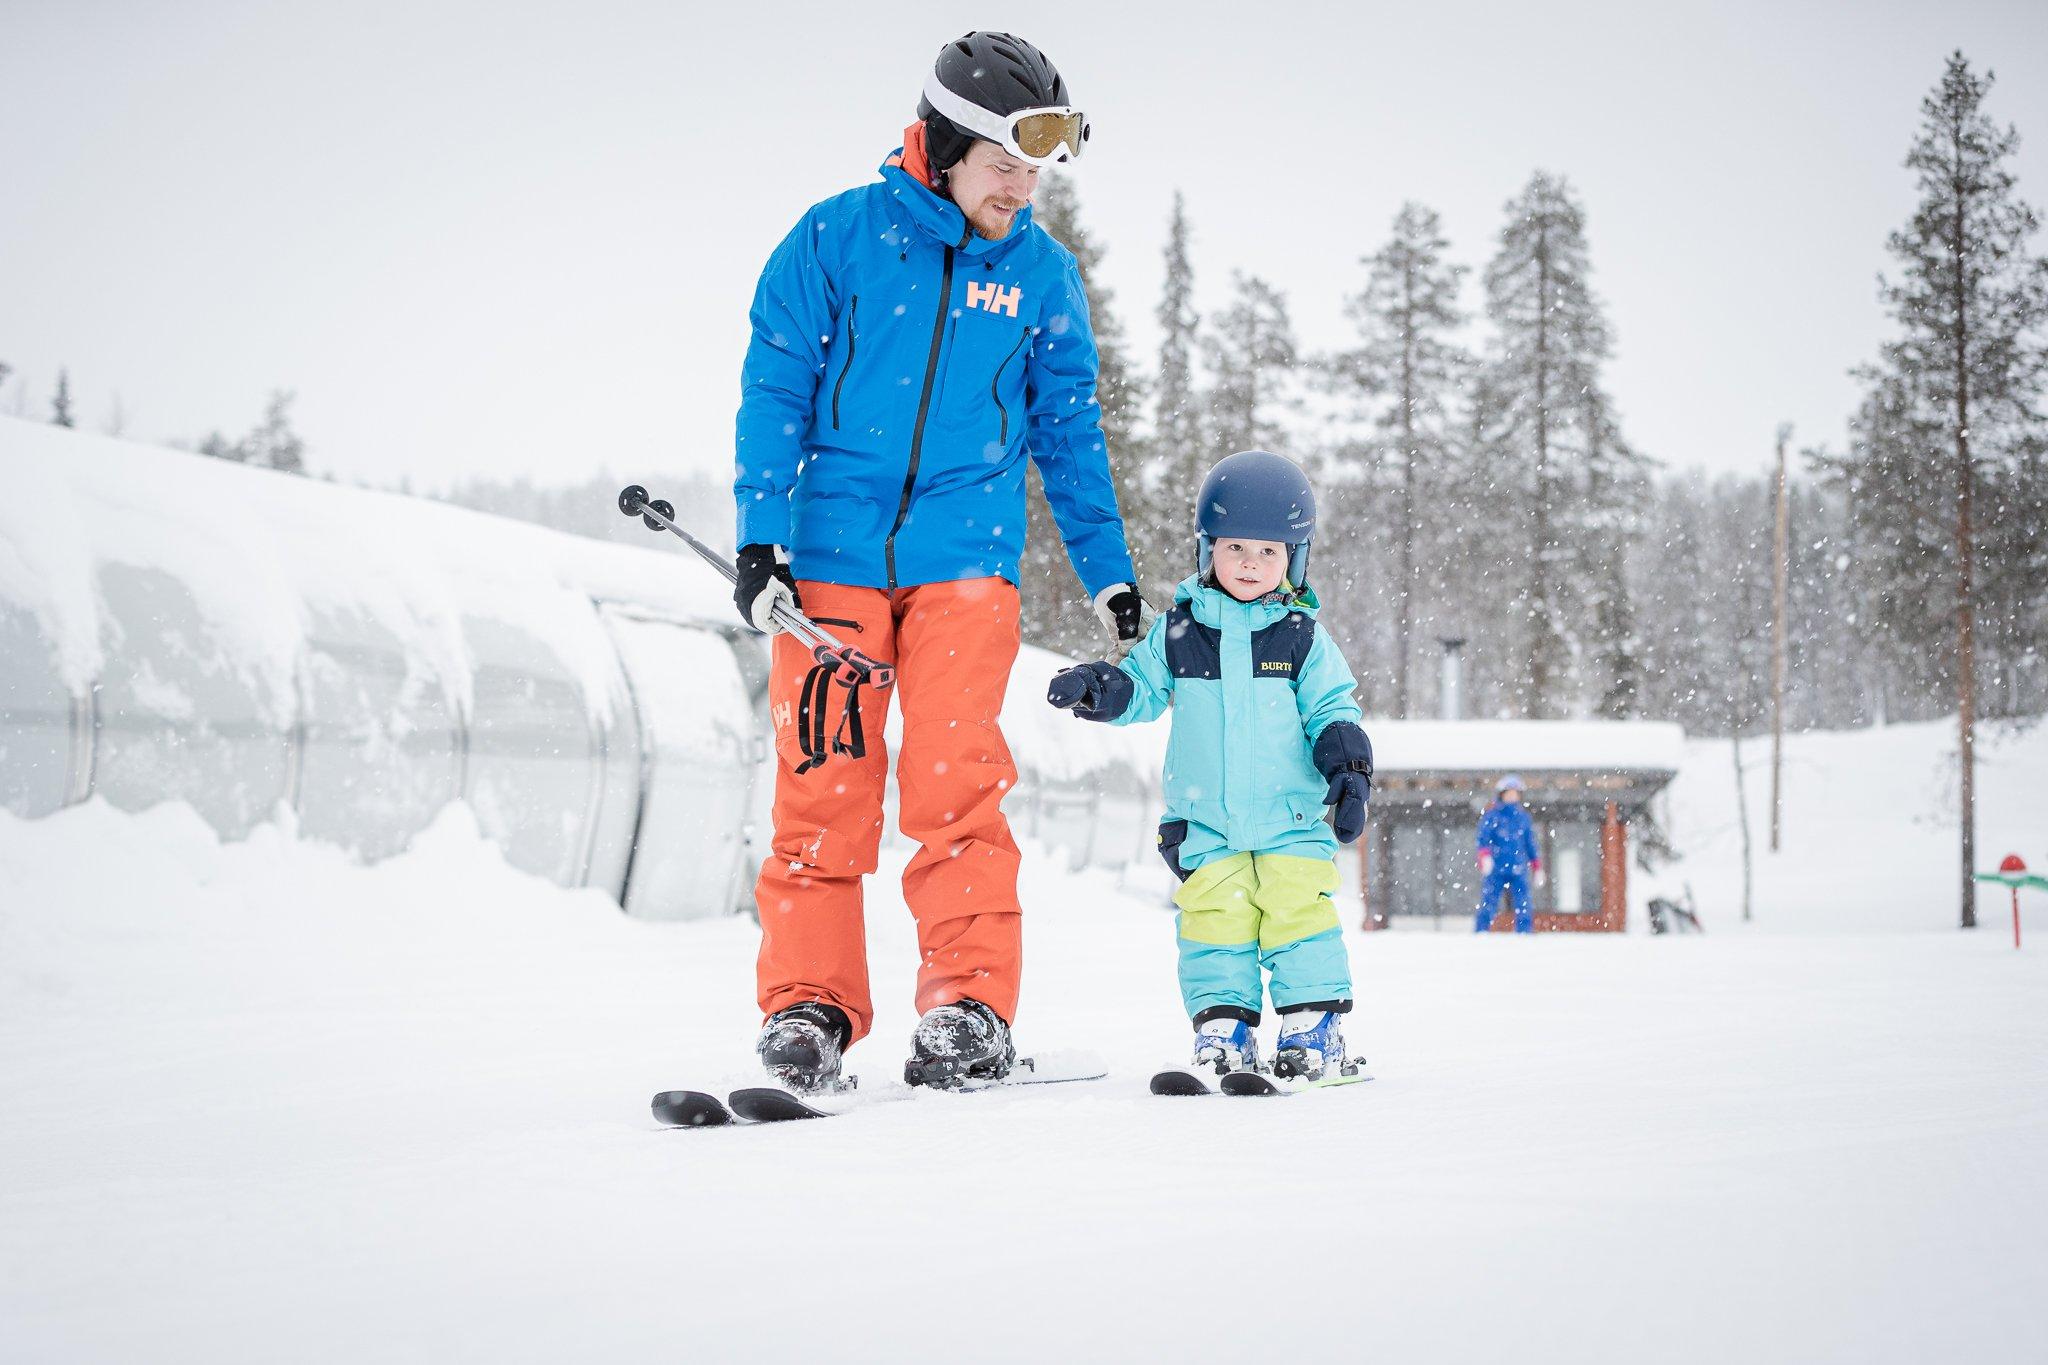 Levi_Ski_Resort_2020_Winter©PTB-Creative_WebRes-91